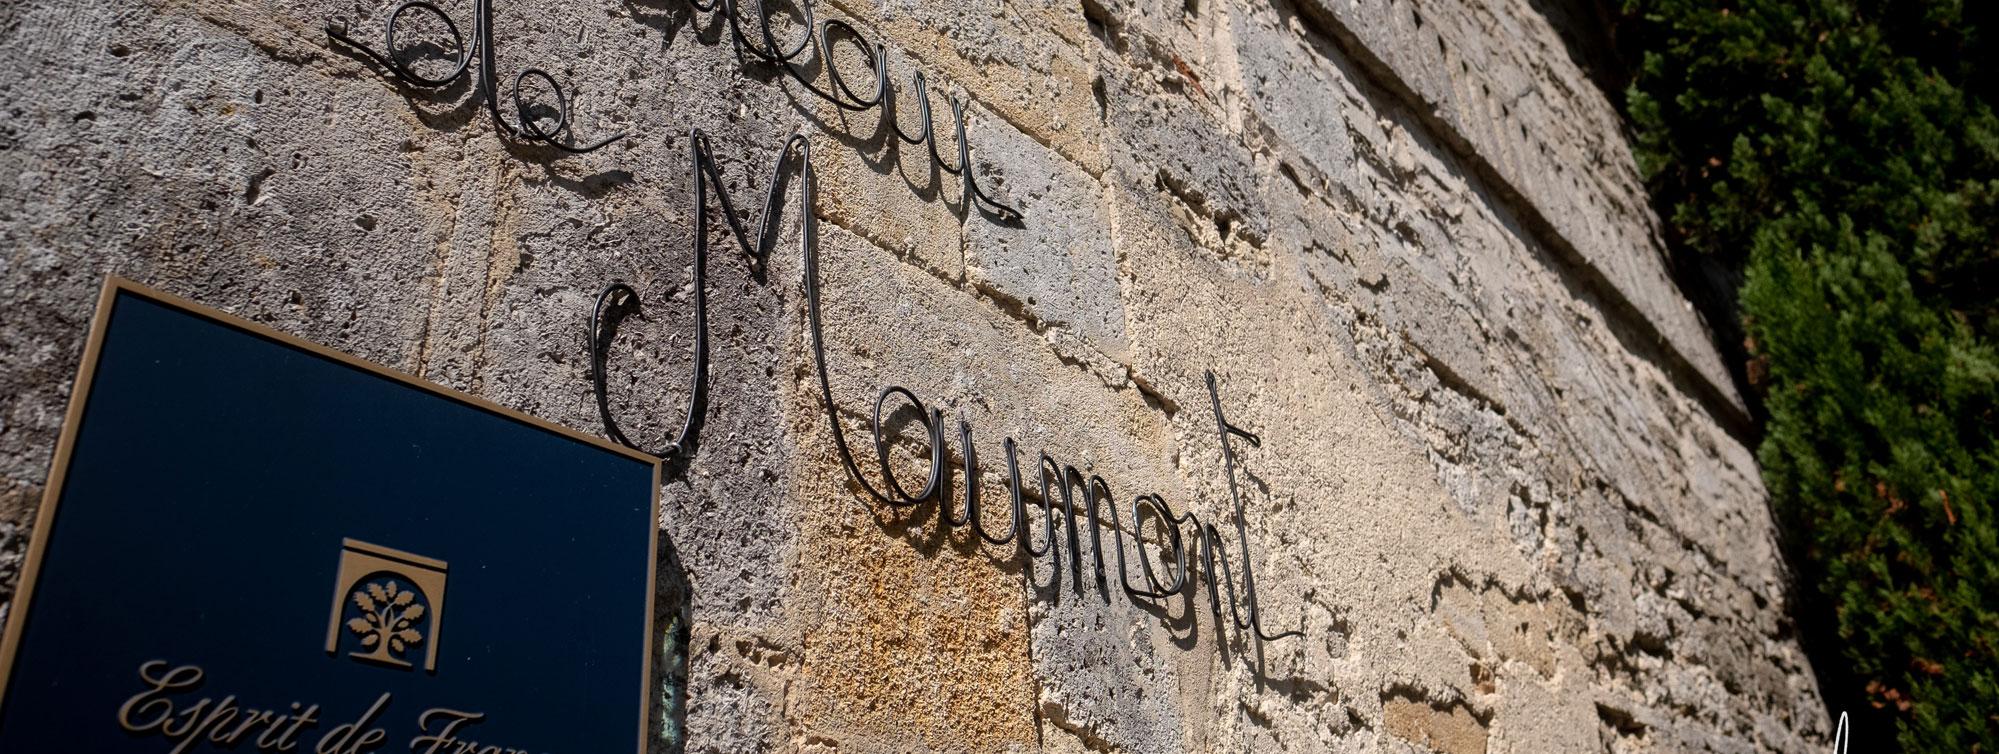 Chateau de Maumont ©F.Selier - Chateau de Maumont